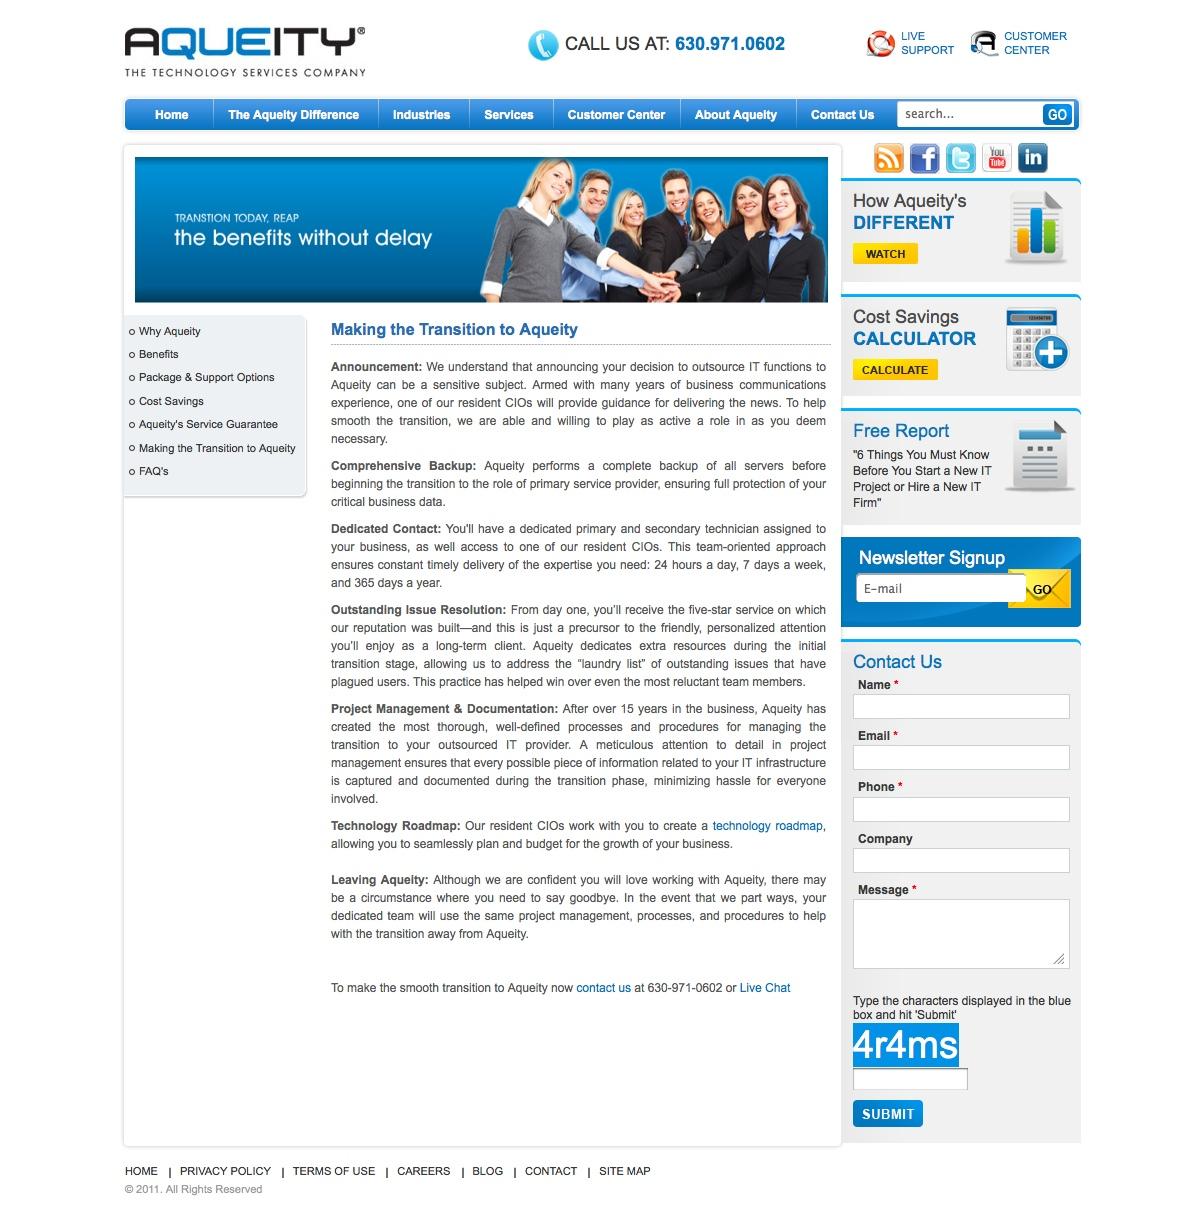 Web Page Copy: IT Services